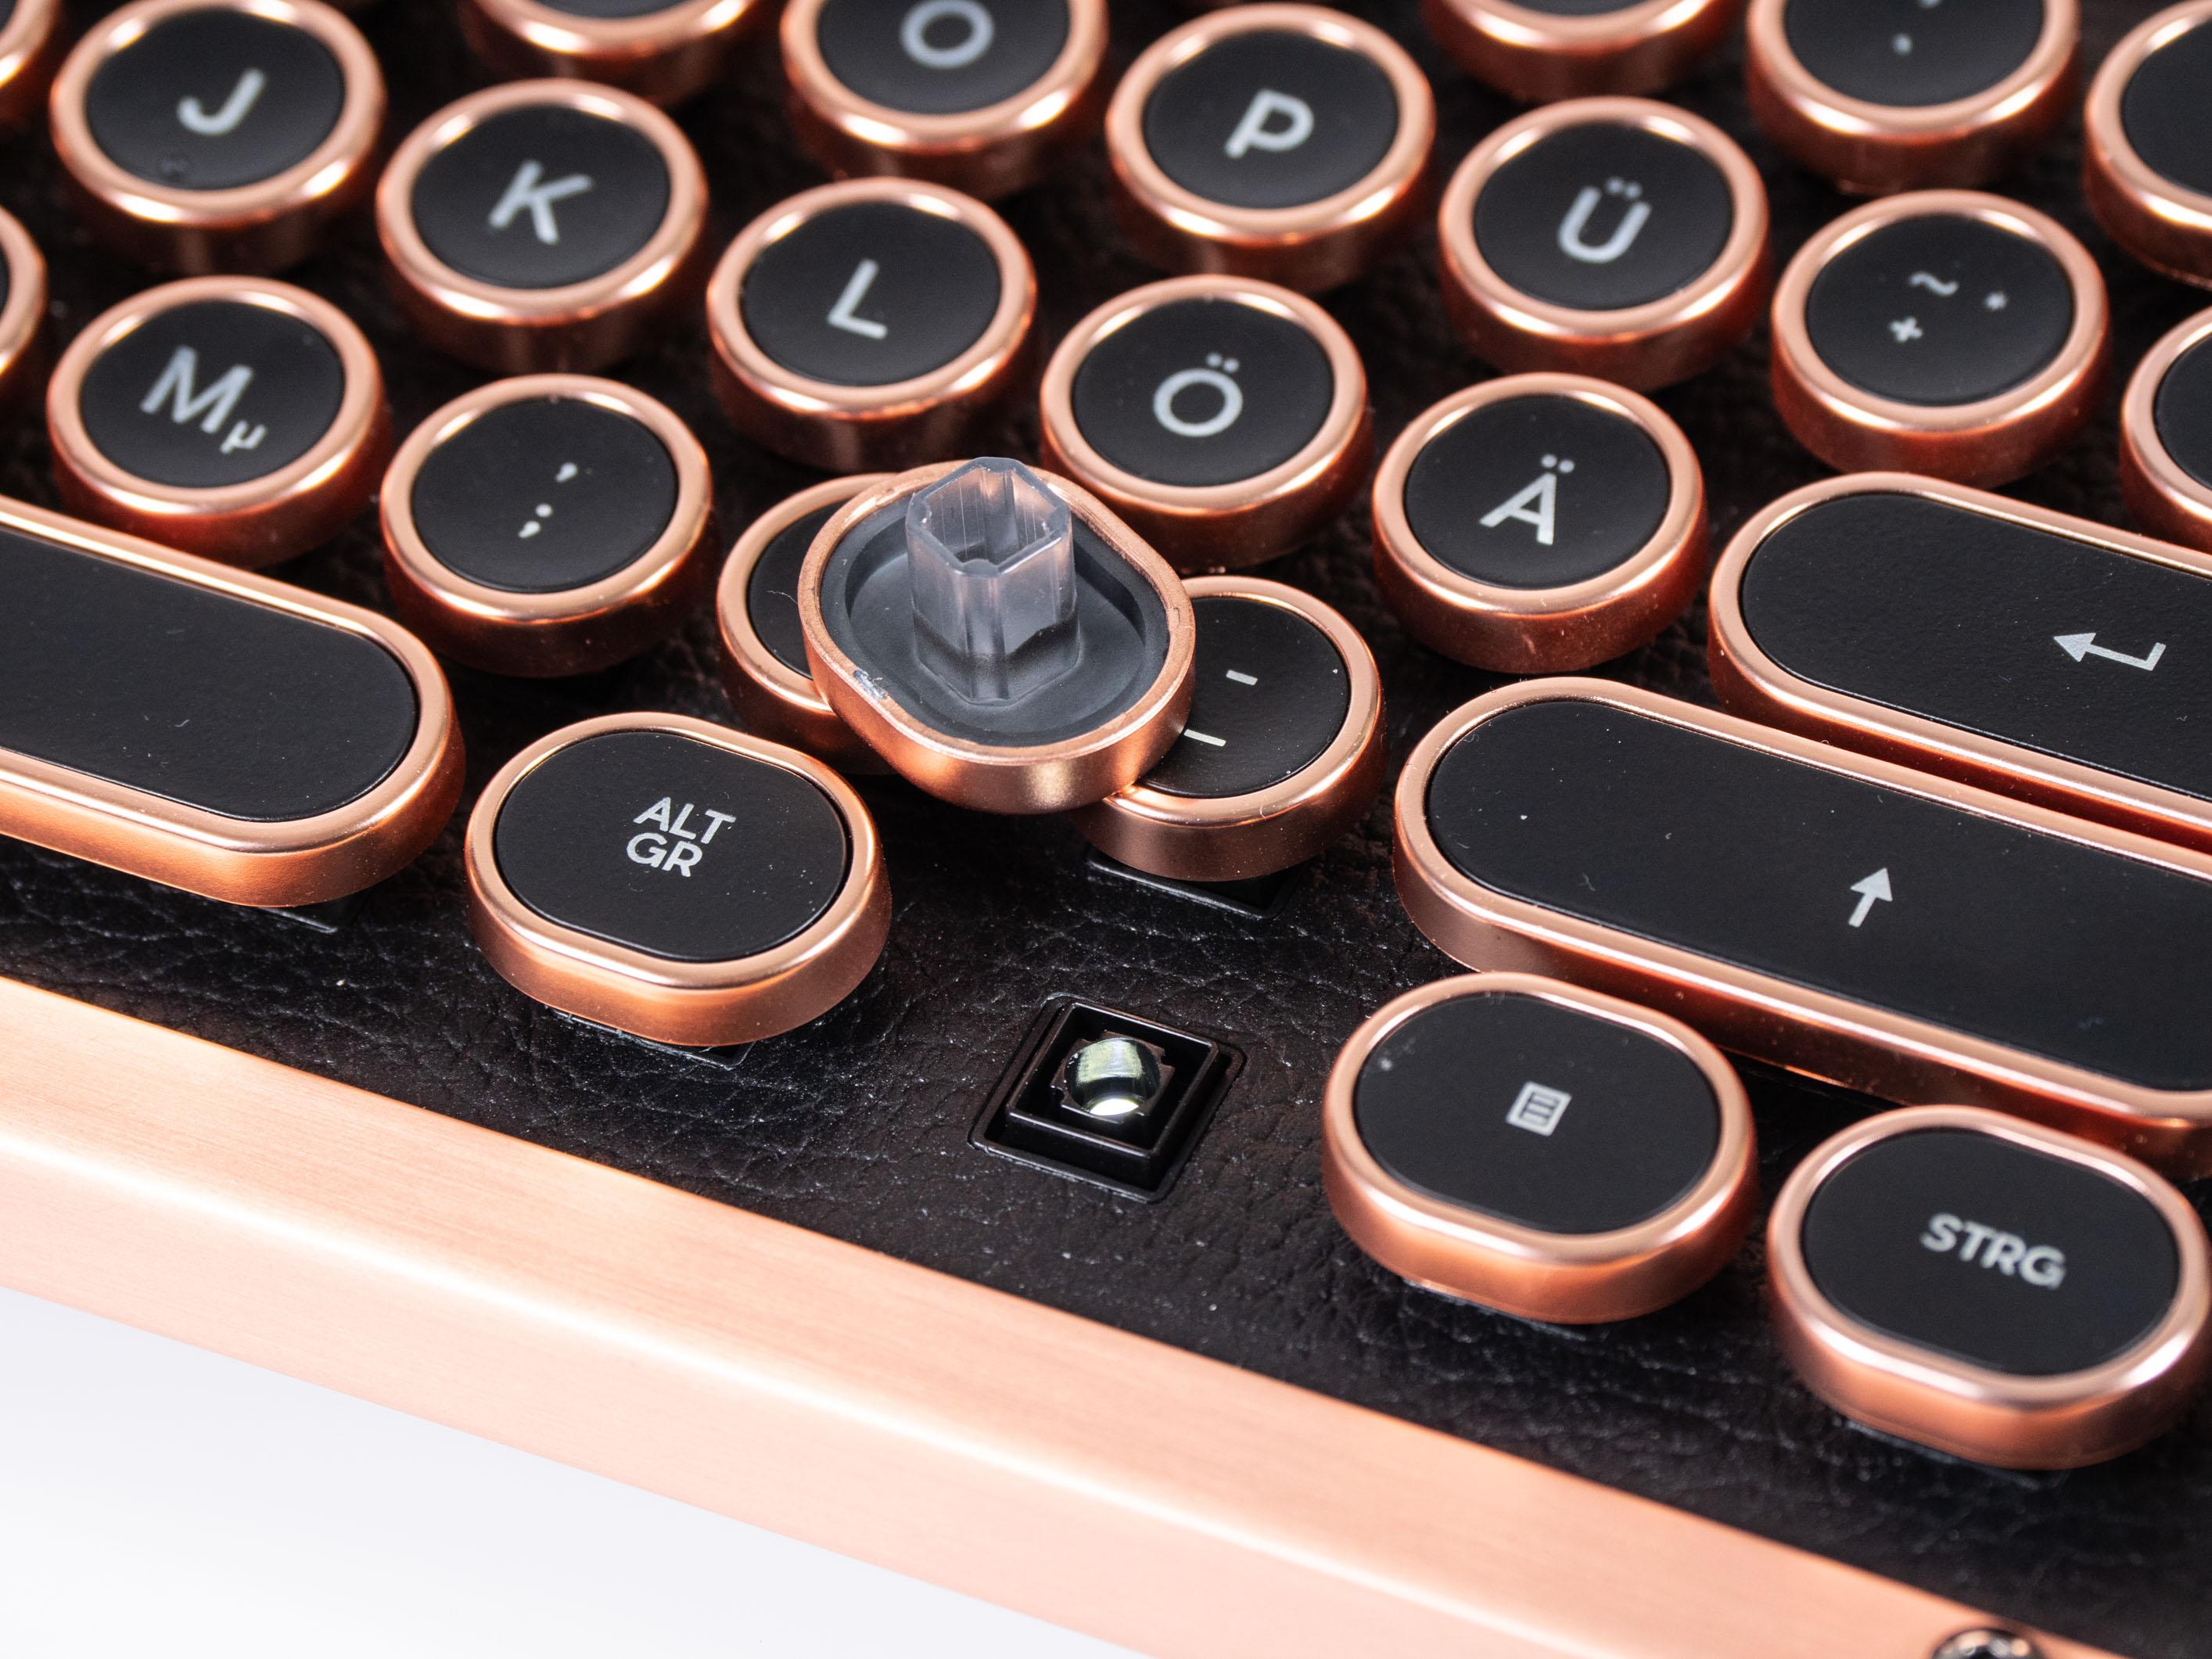 Azio Retro Classic im Test: Außergewöhnlicher Tastatur-Koloss aus Kupfer und Leder - Die Switches hat Azio mit Kailh entwickelt. (Bild: Martin Wolf/Golem.de)